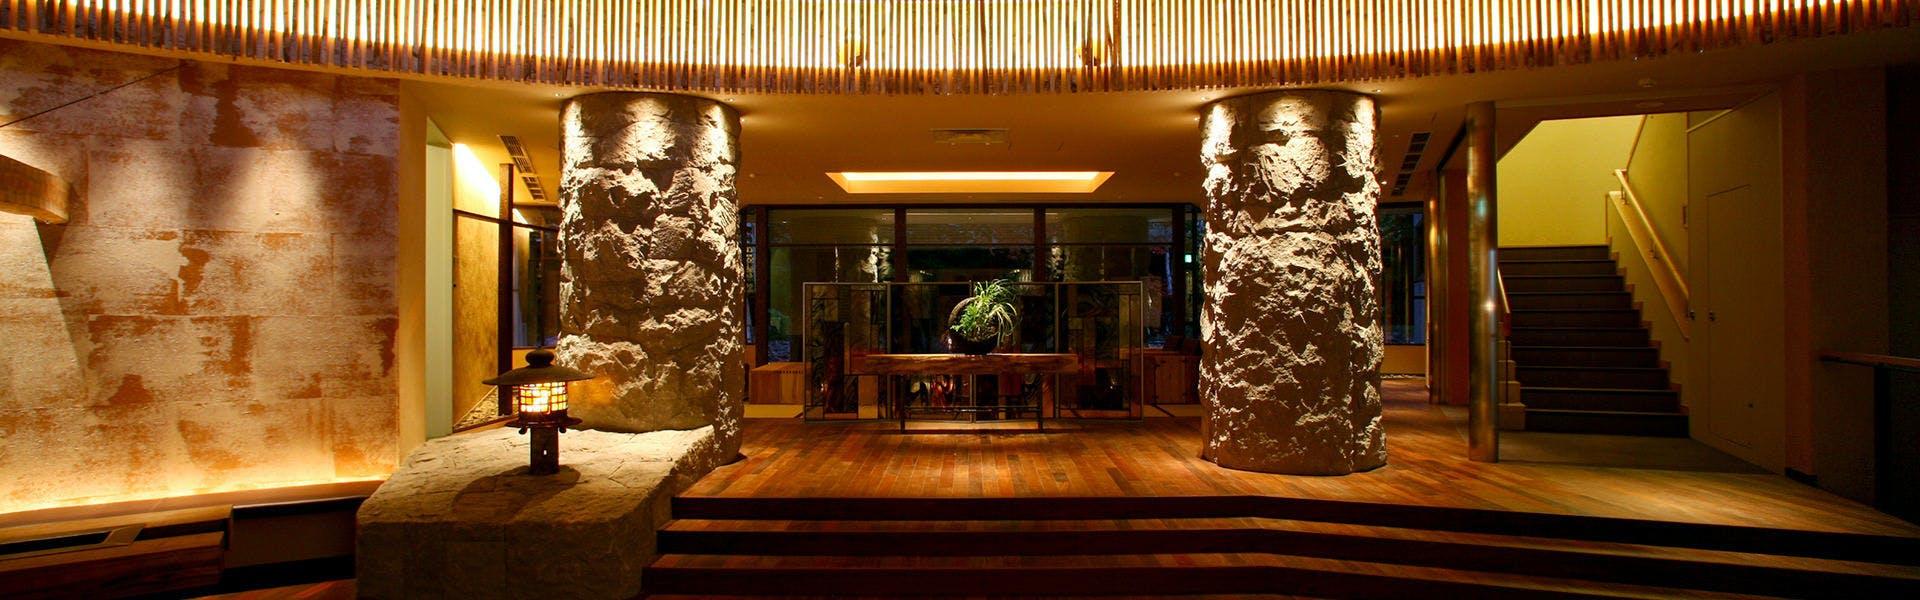 記念日におすすめのホテル・【翠山亭倶楽部定山渓】の写真1